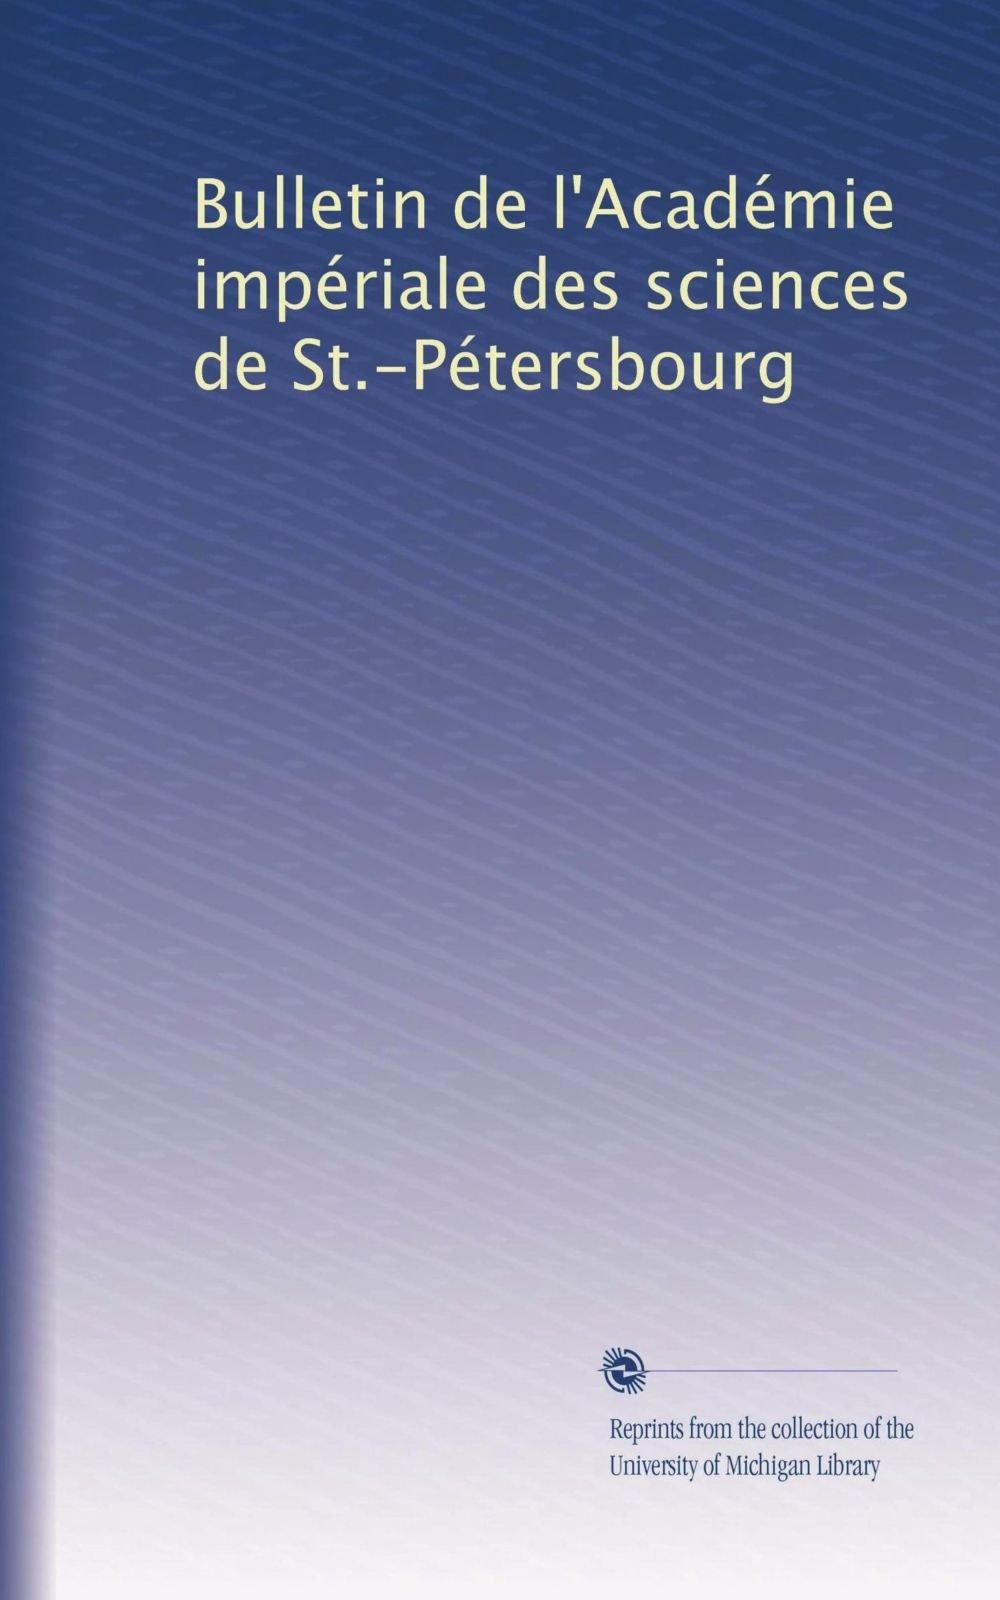 Read Online Bulletin de l'Académie impériale des sciences de St.-Pétersbourg (Volume 7) (French Edition) ebook